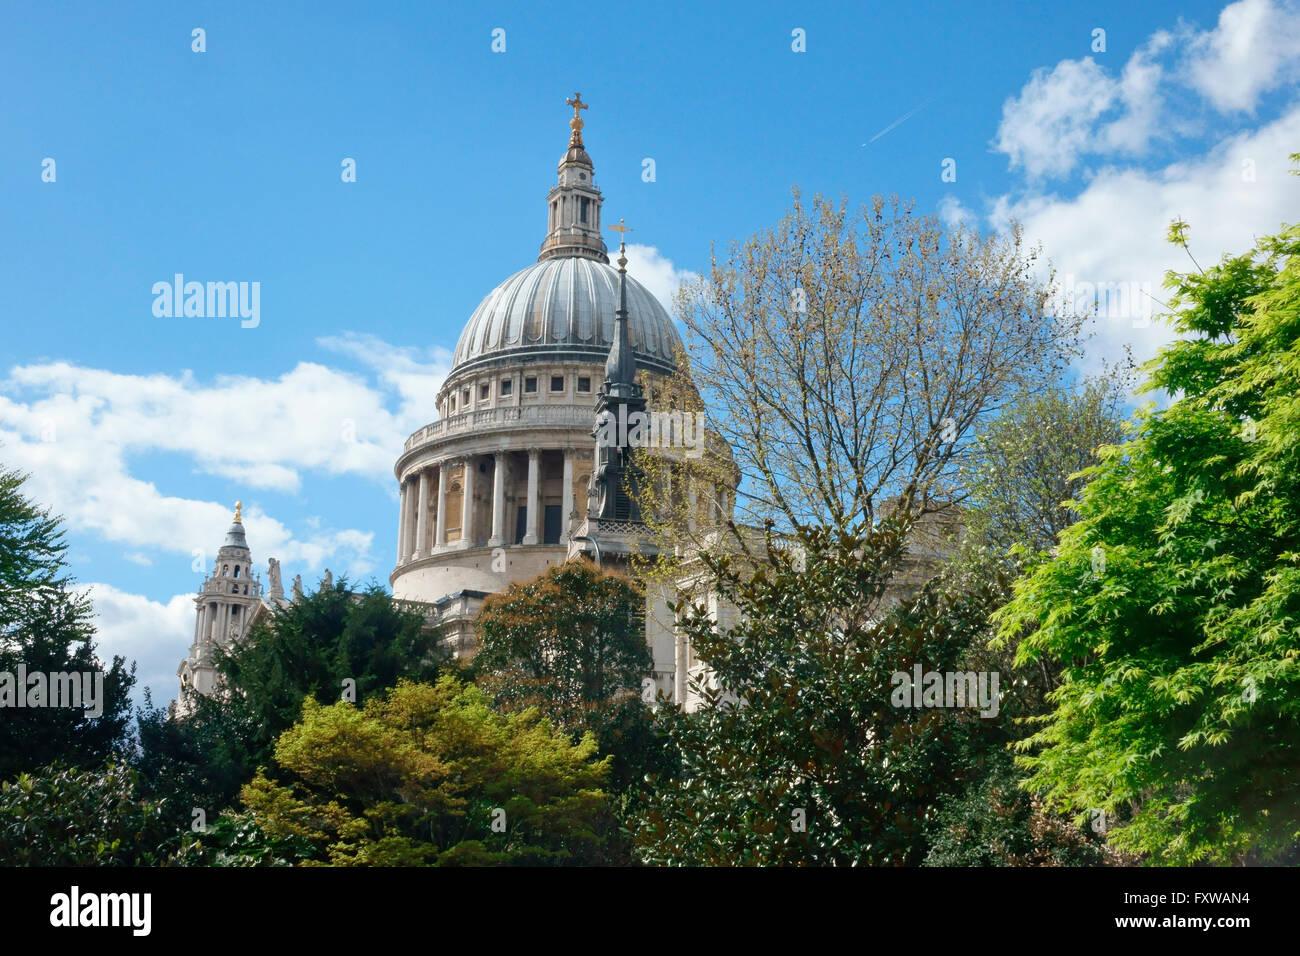 St. Pauls Cathedral, in der City of London, England, Großbritannien, Deutschland, GB, UK Stockbild